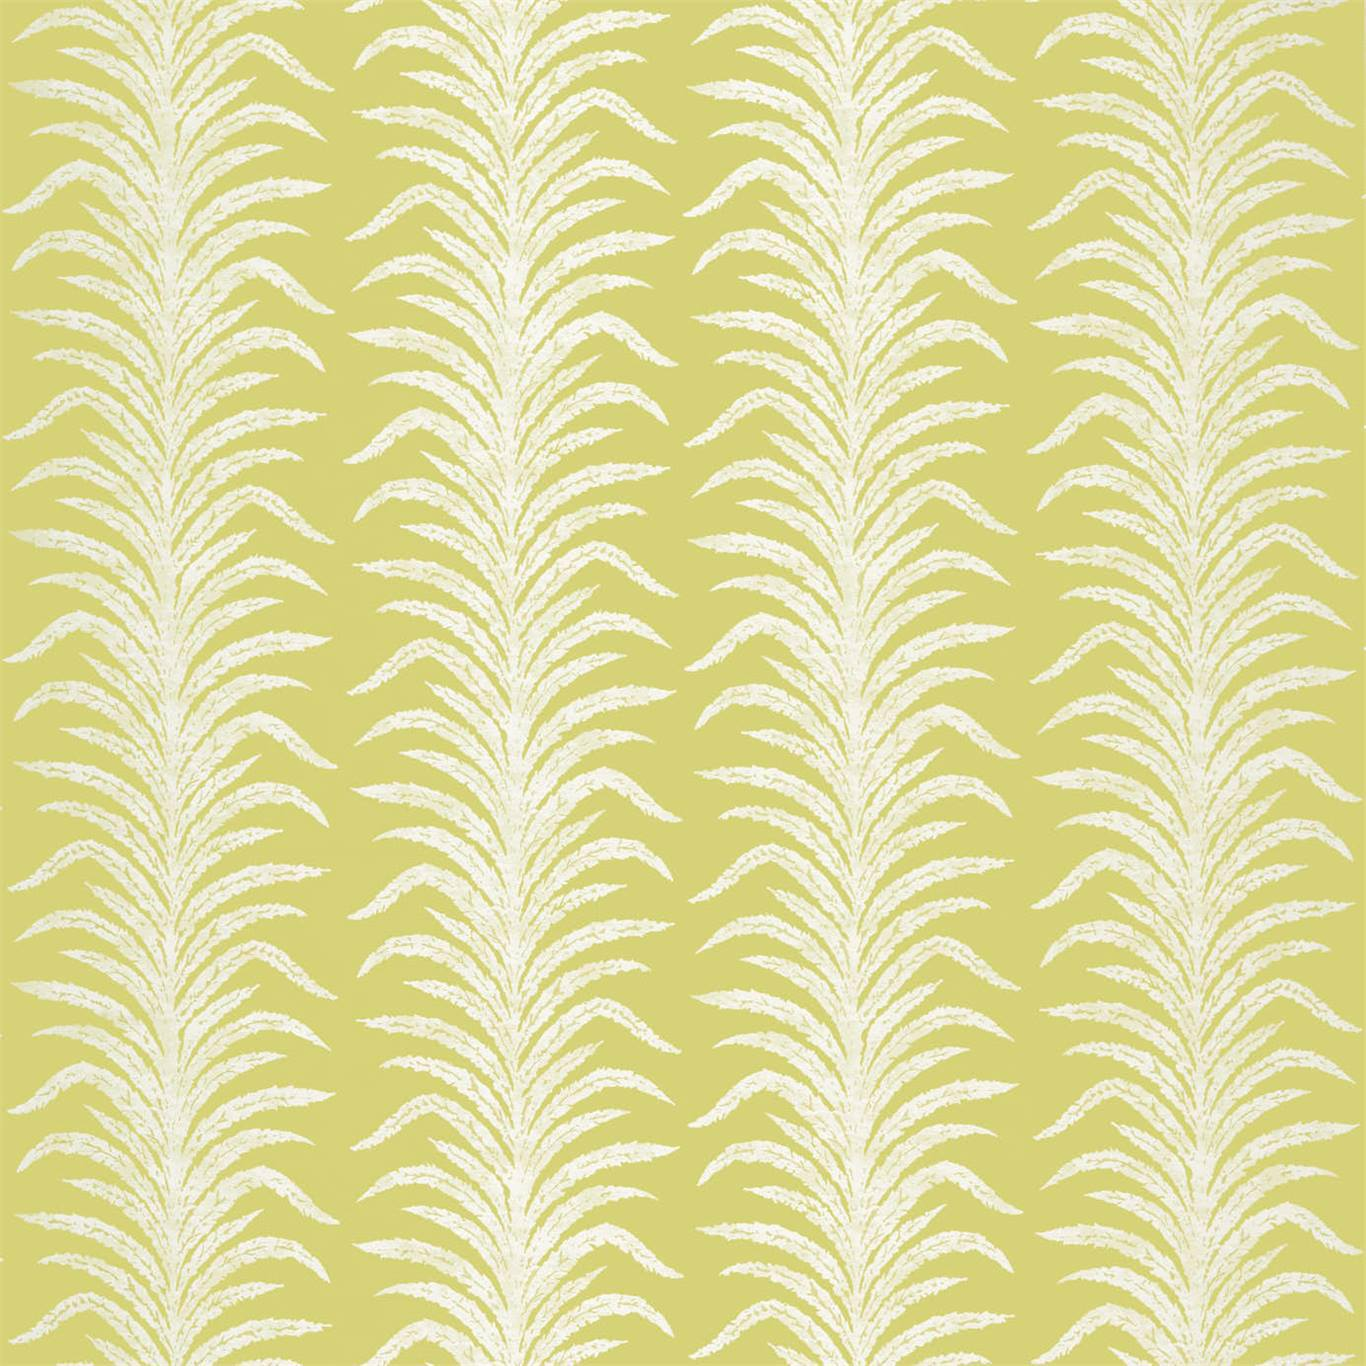 Tree Fern Weave by SAN